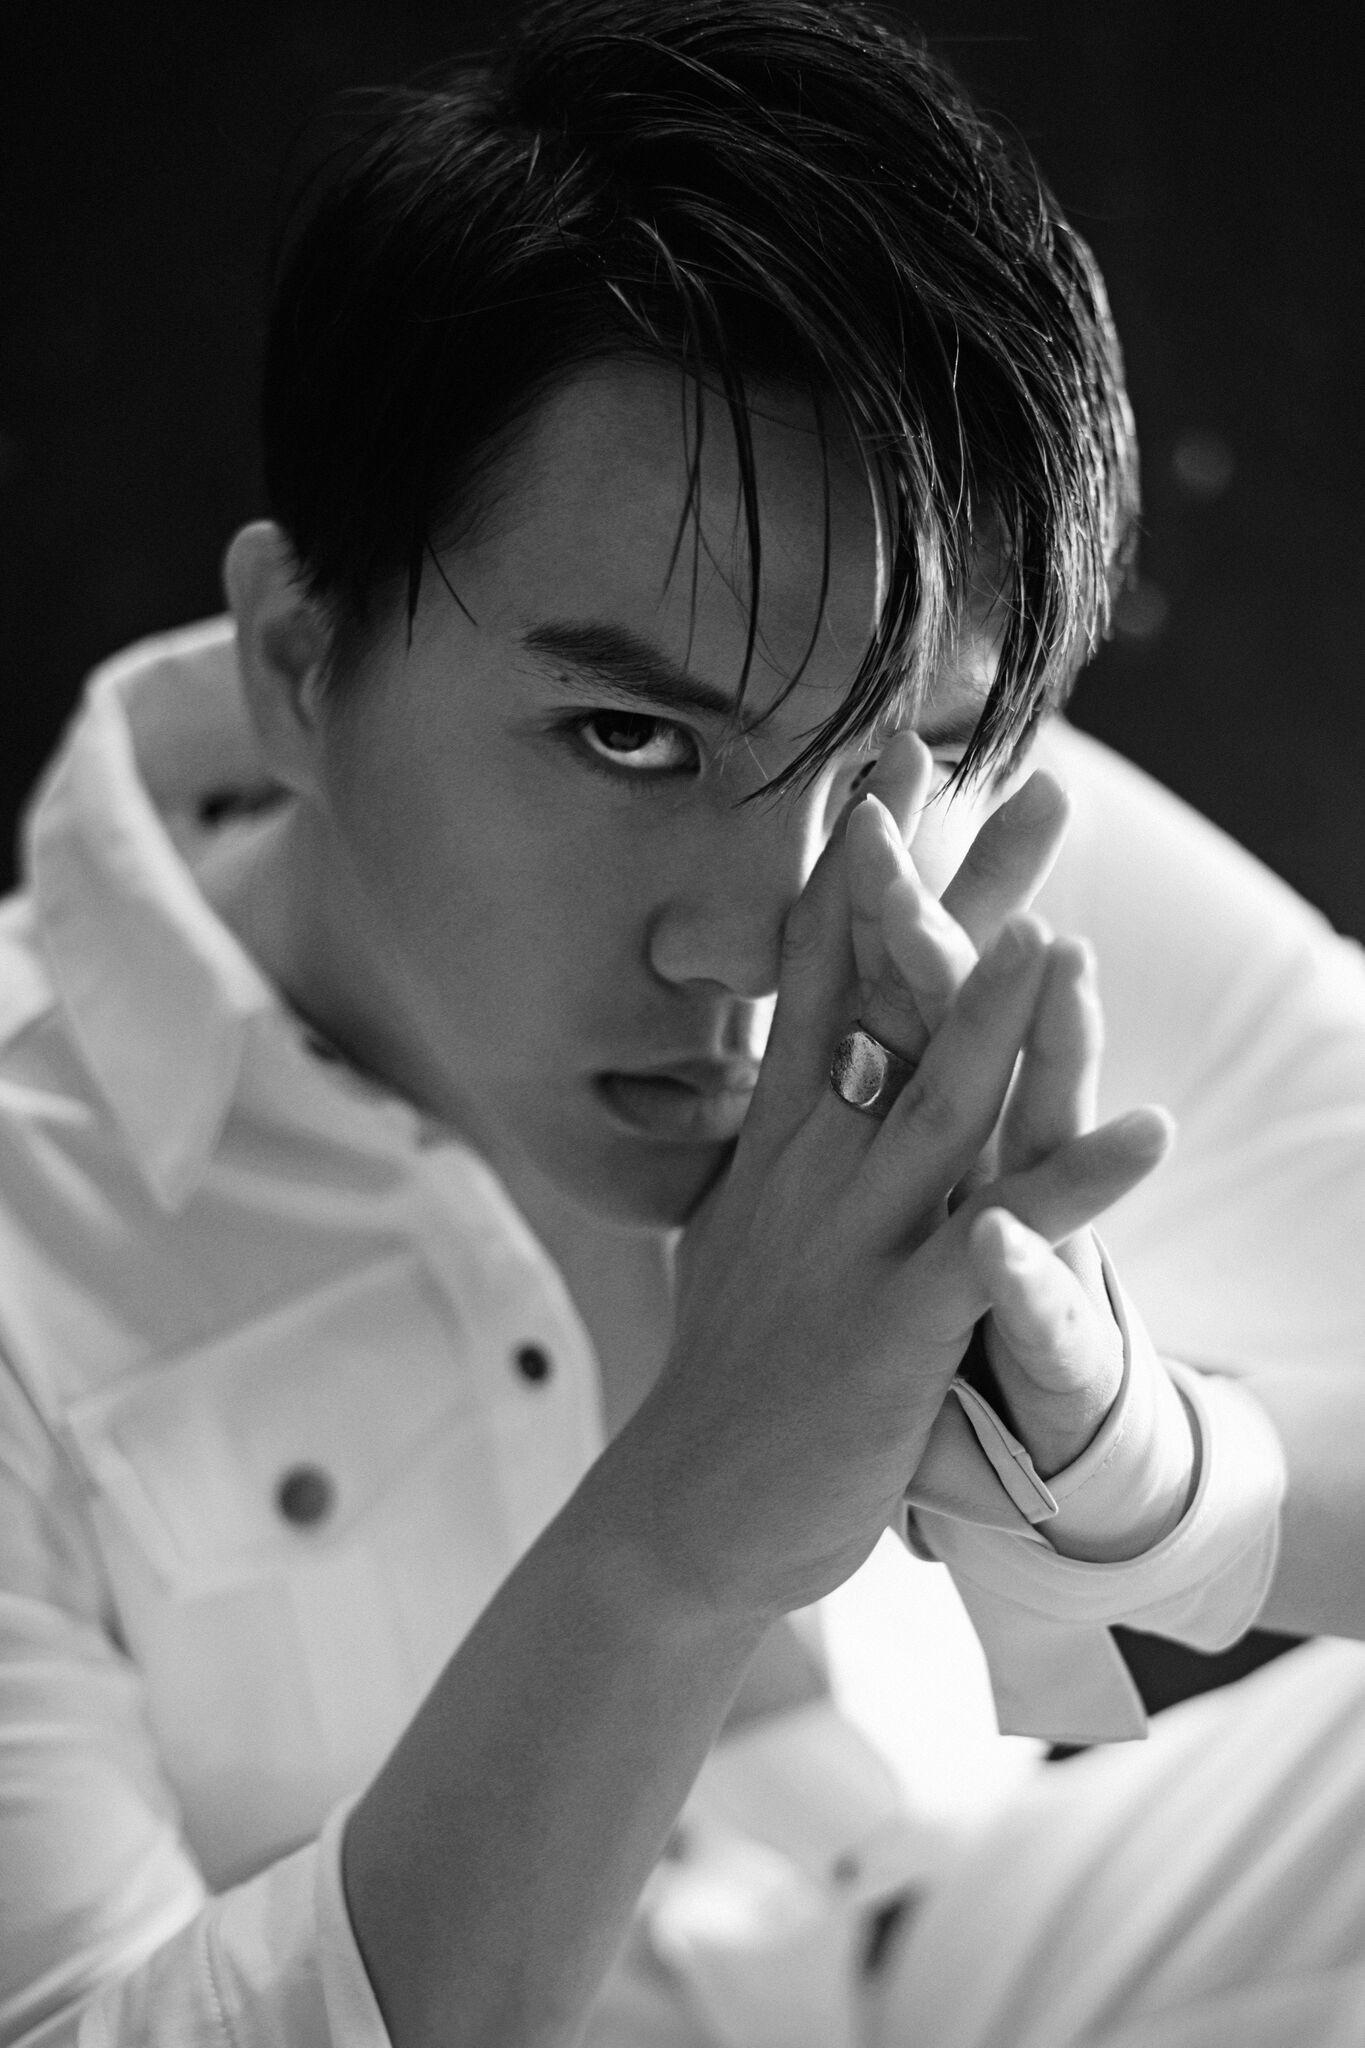 Có một Duy Khánh đã hết giả gái, cool ngầu và nam tính trong loạt ảnh mới - Ảnh 3.